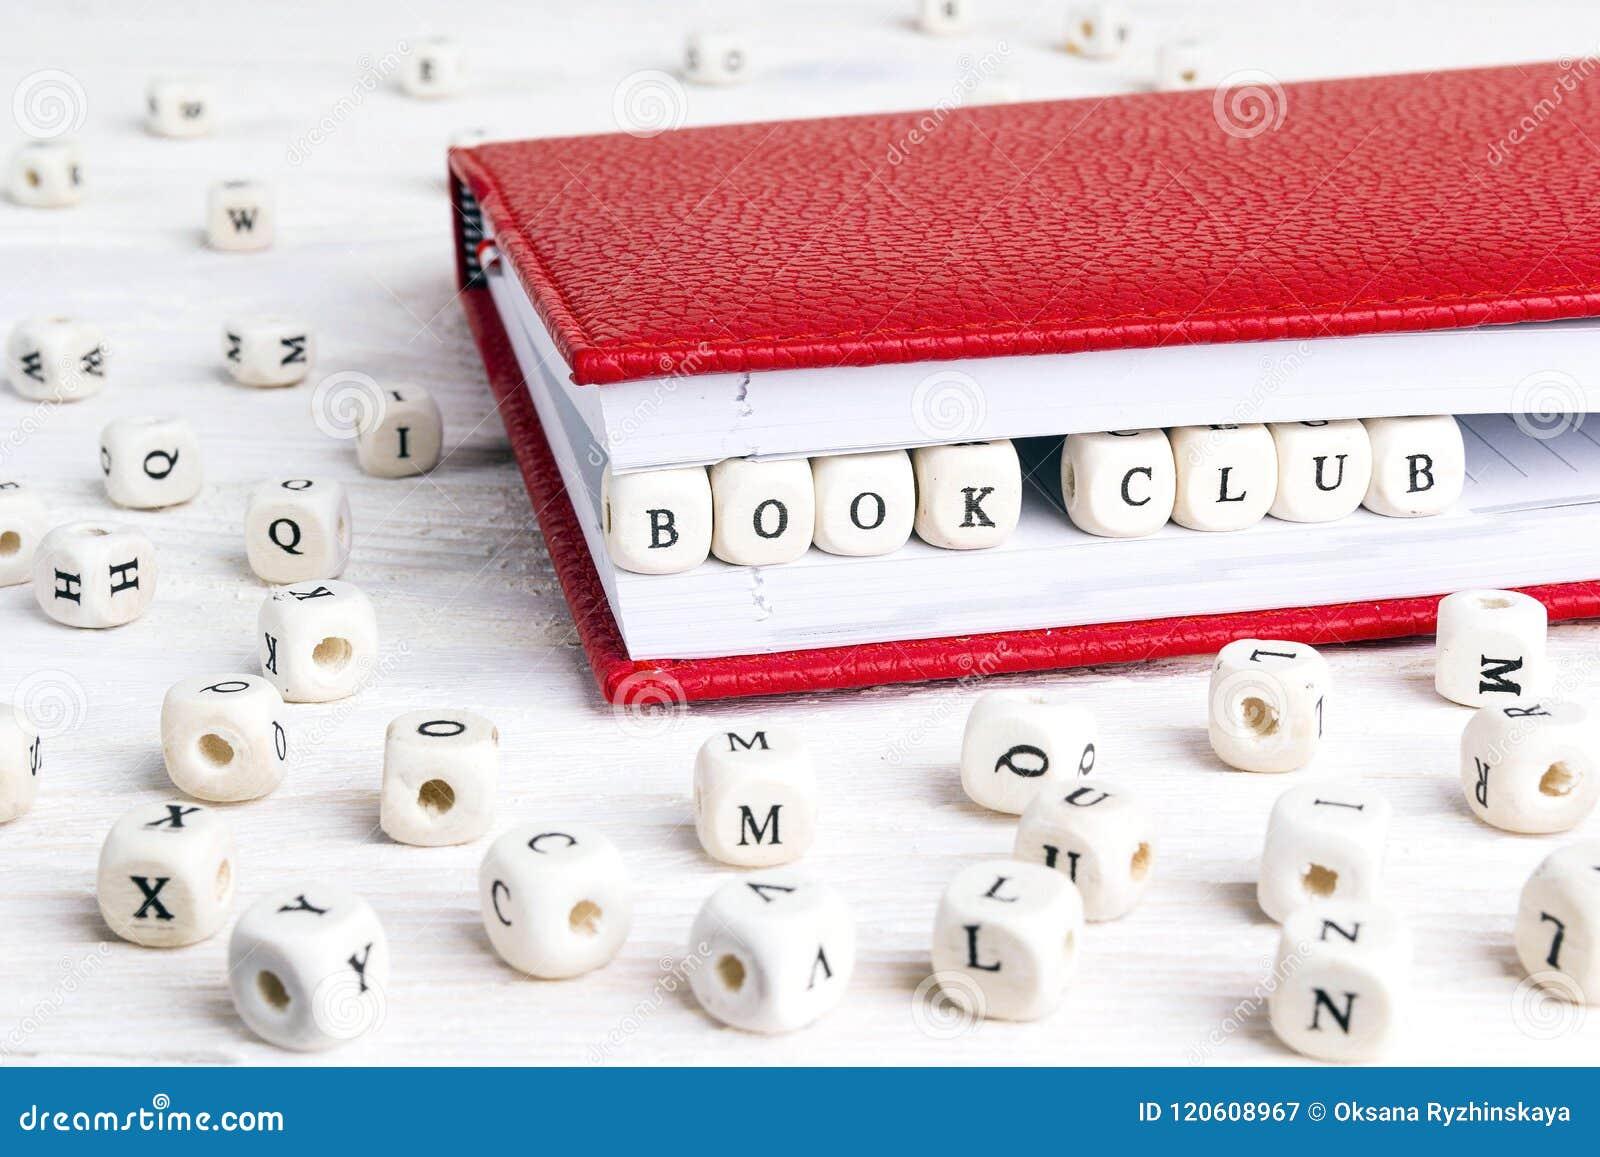 Λέσχη βιβλίων φράσης που γράφεται στους ξύλινους φραγμούς στο κόκκινο σημειωματάριο στο whi